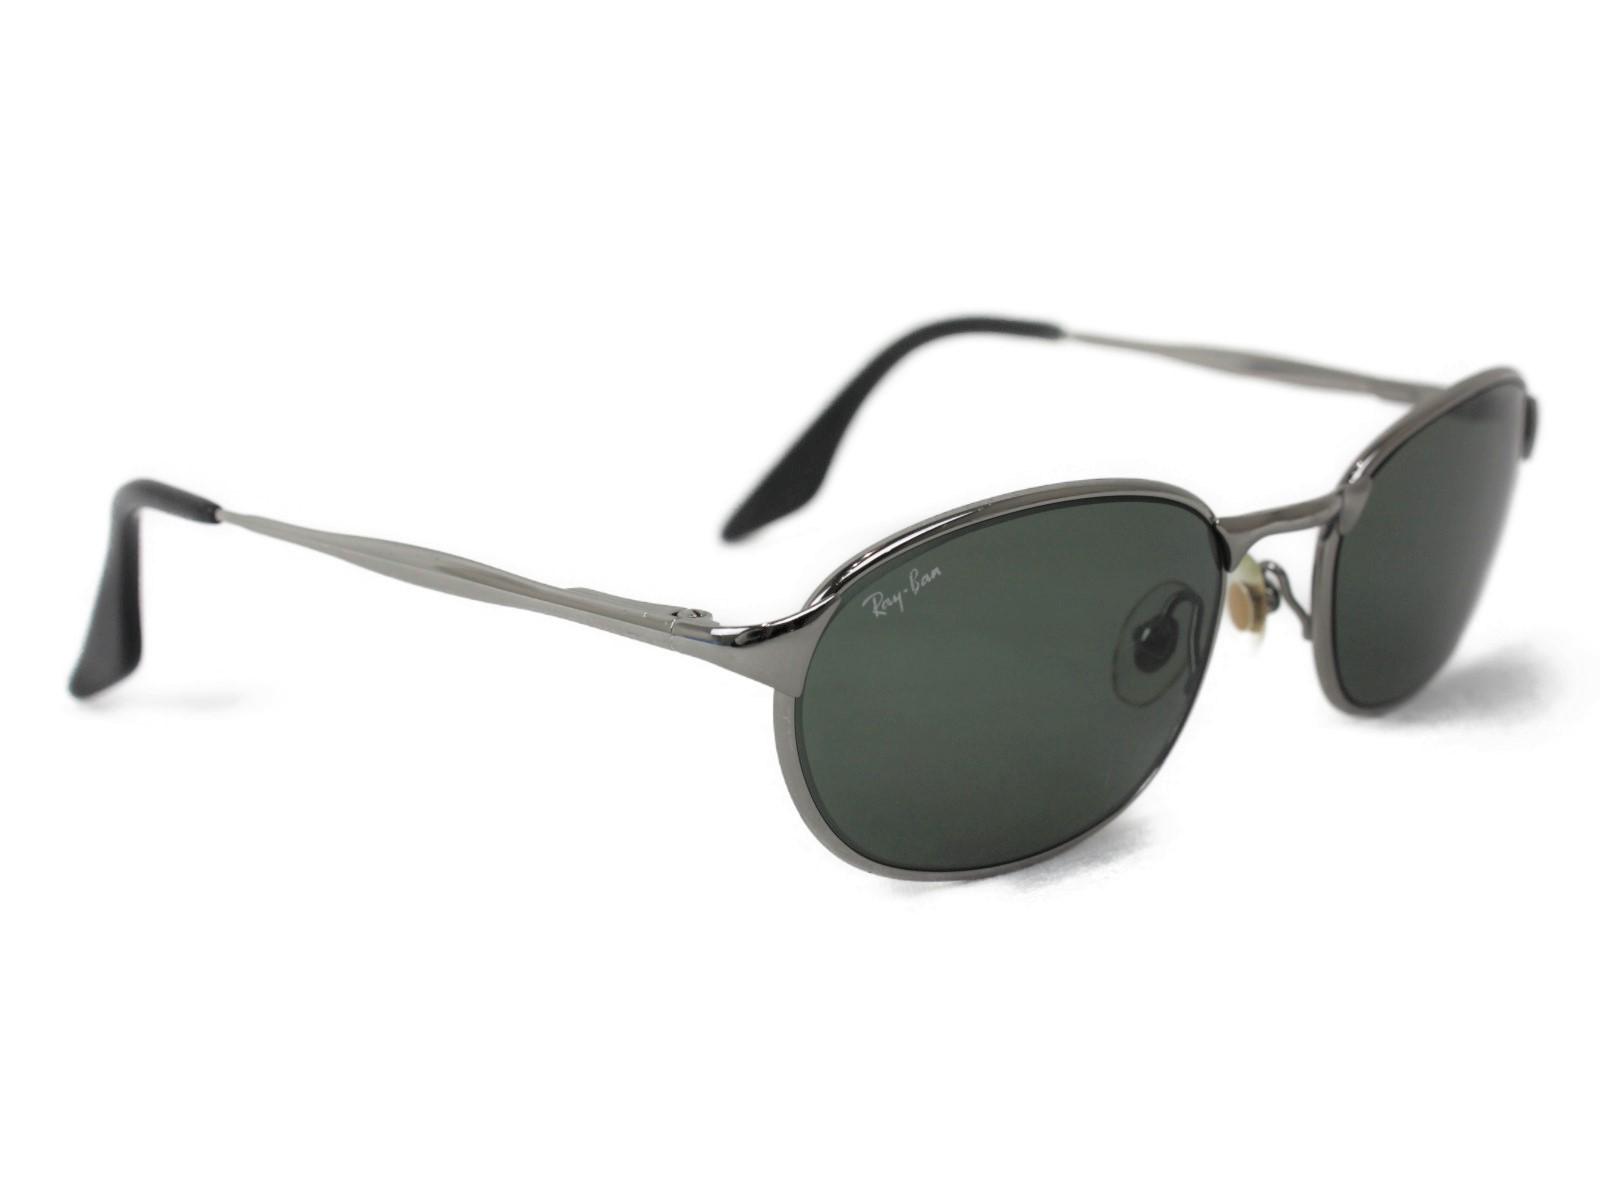 Ray-Ban レイバン サングラス U2841 OPBK グレー系   レディース ユニセックス メンズ ウィメンズ 眼鏡 かっこいい 小物 紳士 幅広【中古】